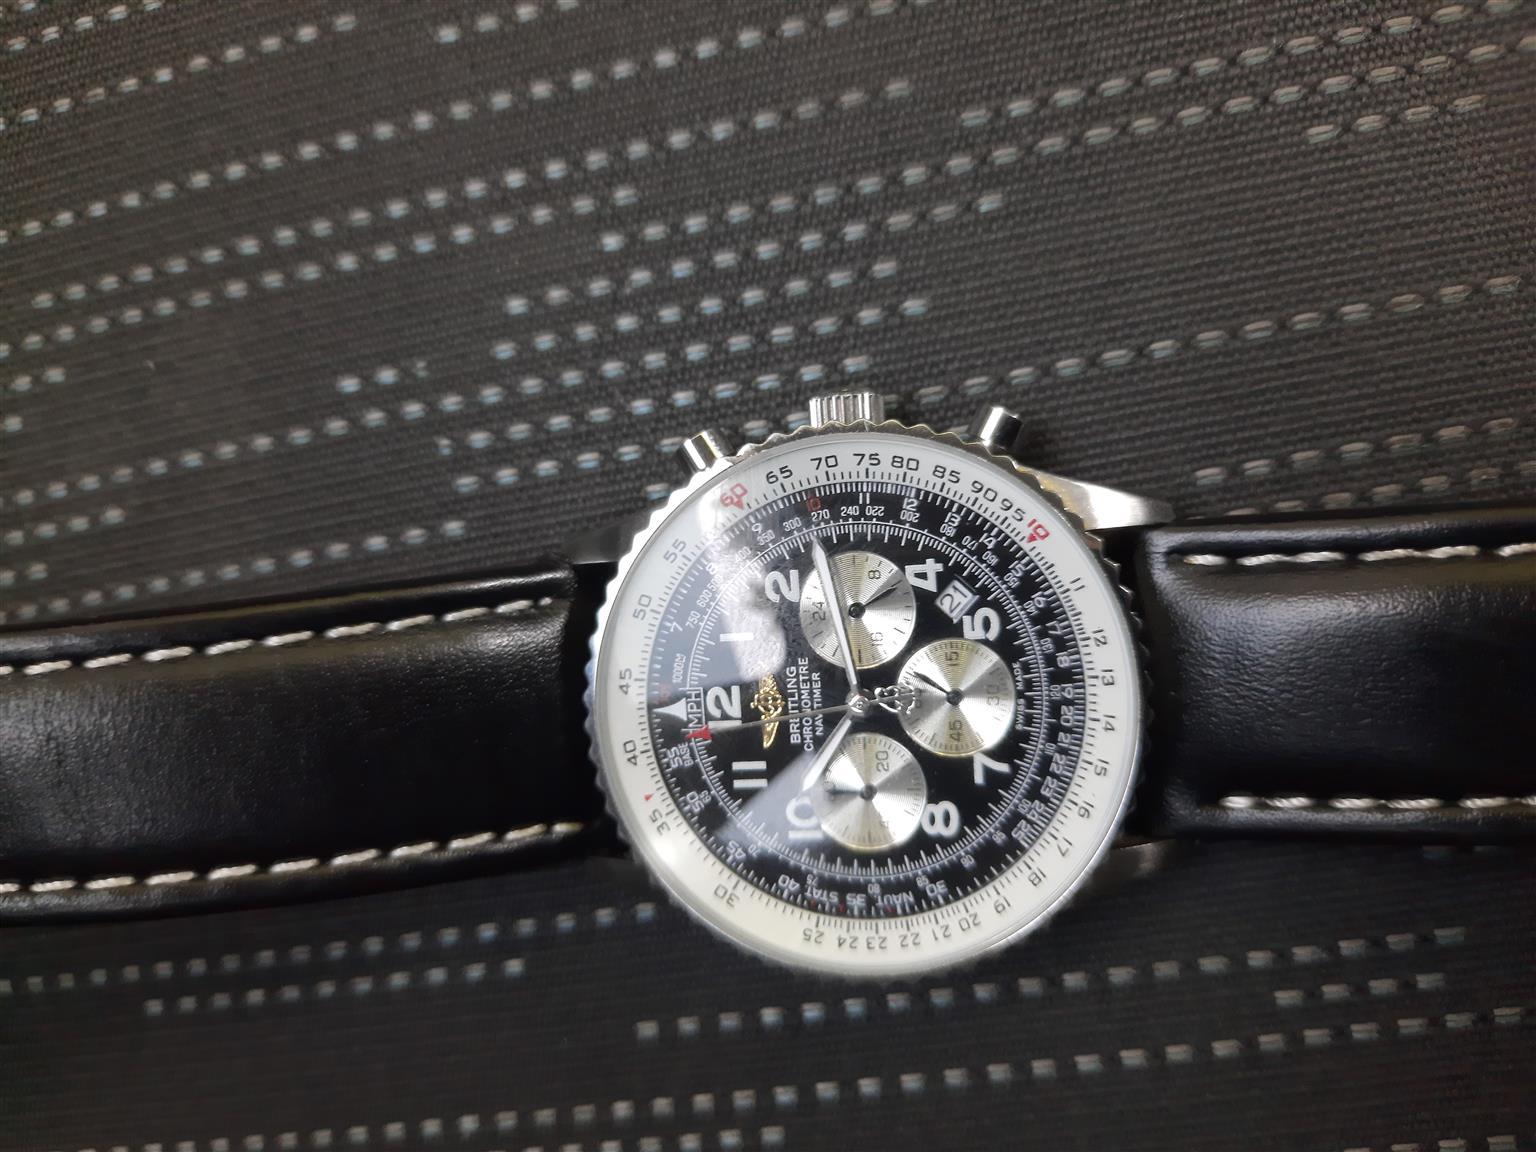 Breitling chronometer replica